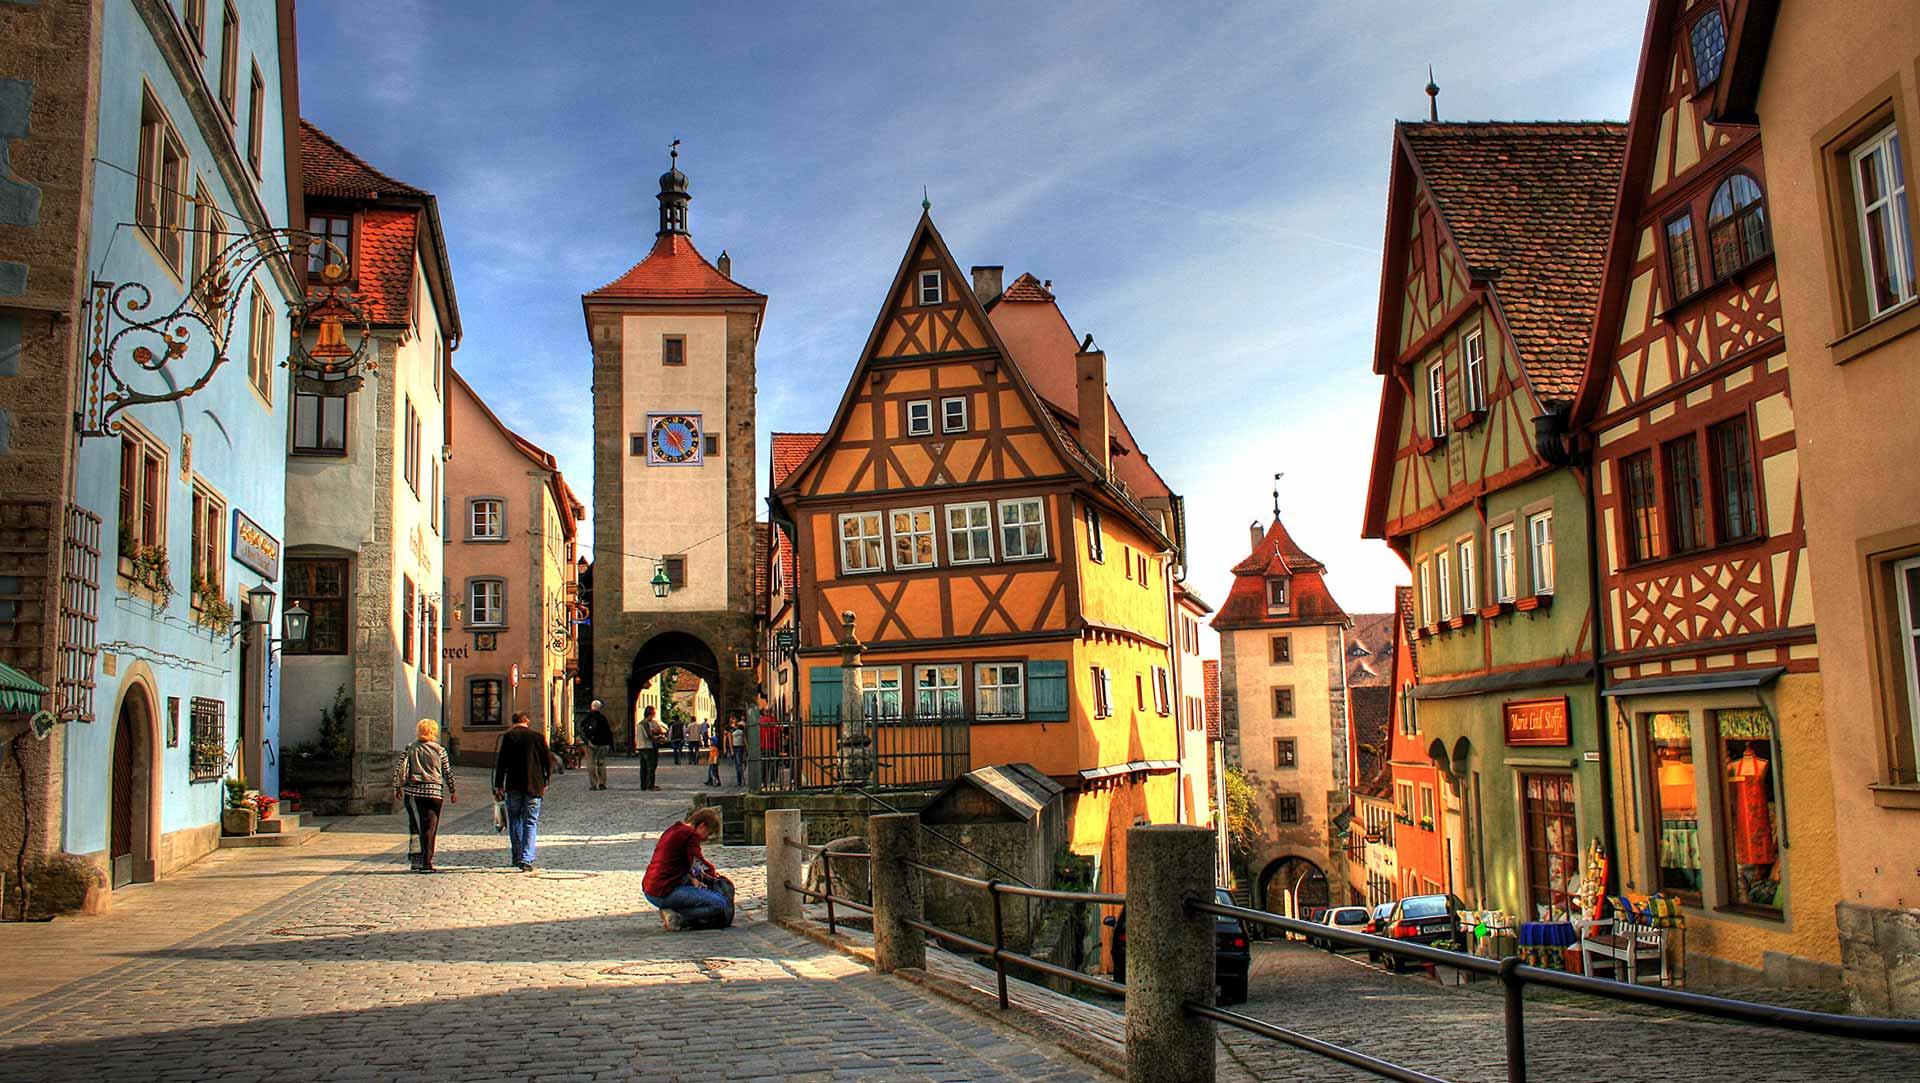 Uit een sprookjesboek weggelopen Rothenburg ob der Tauber.